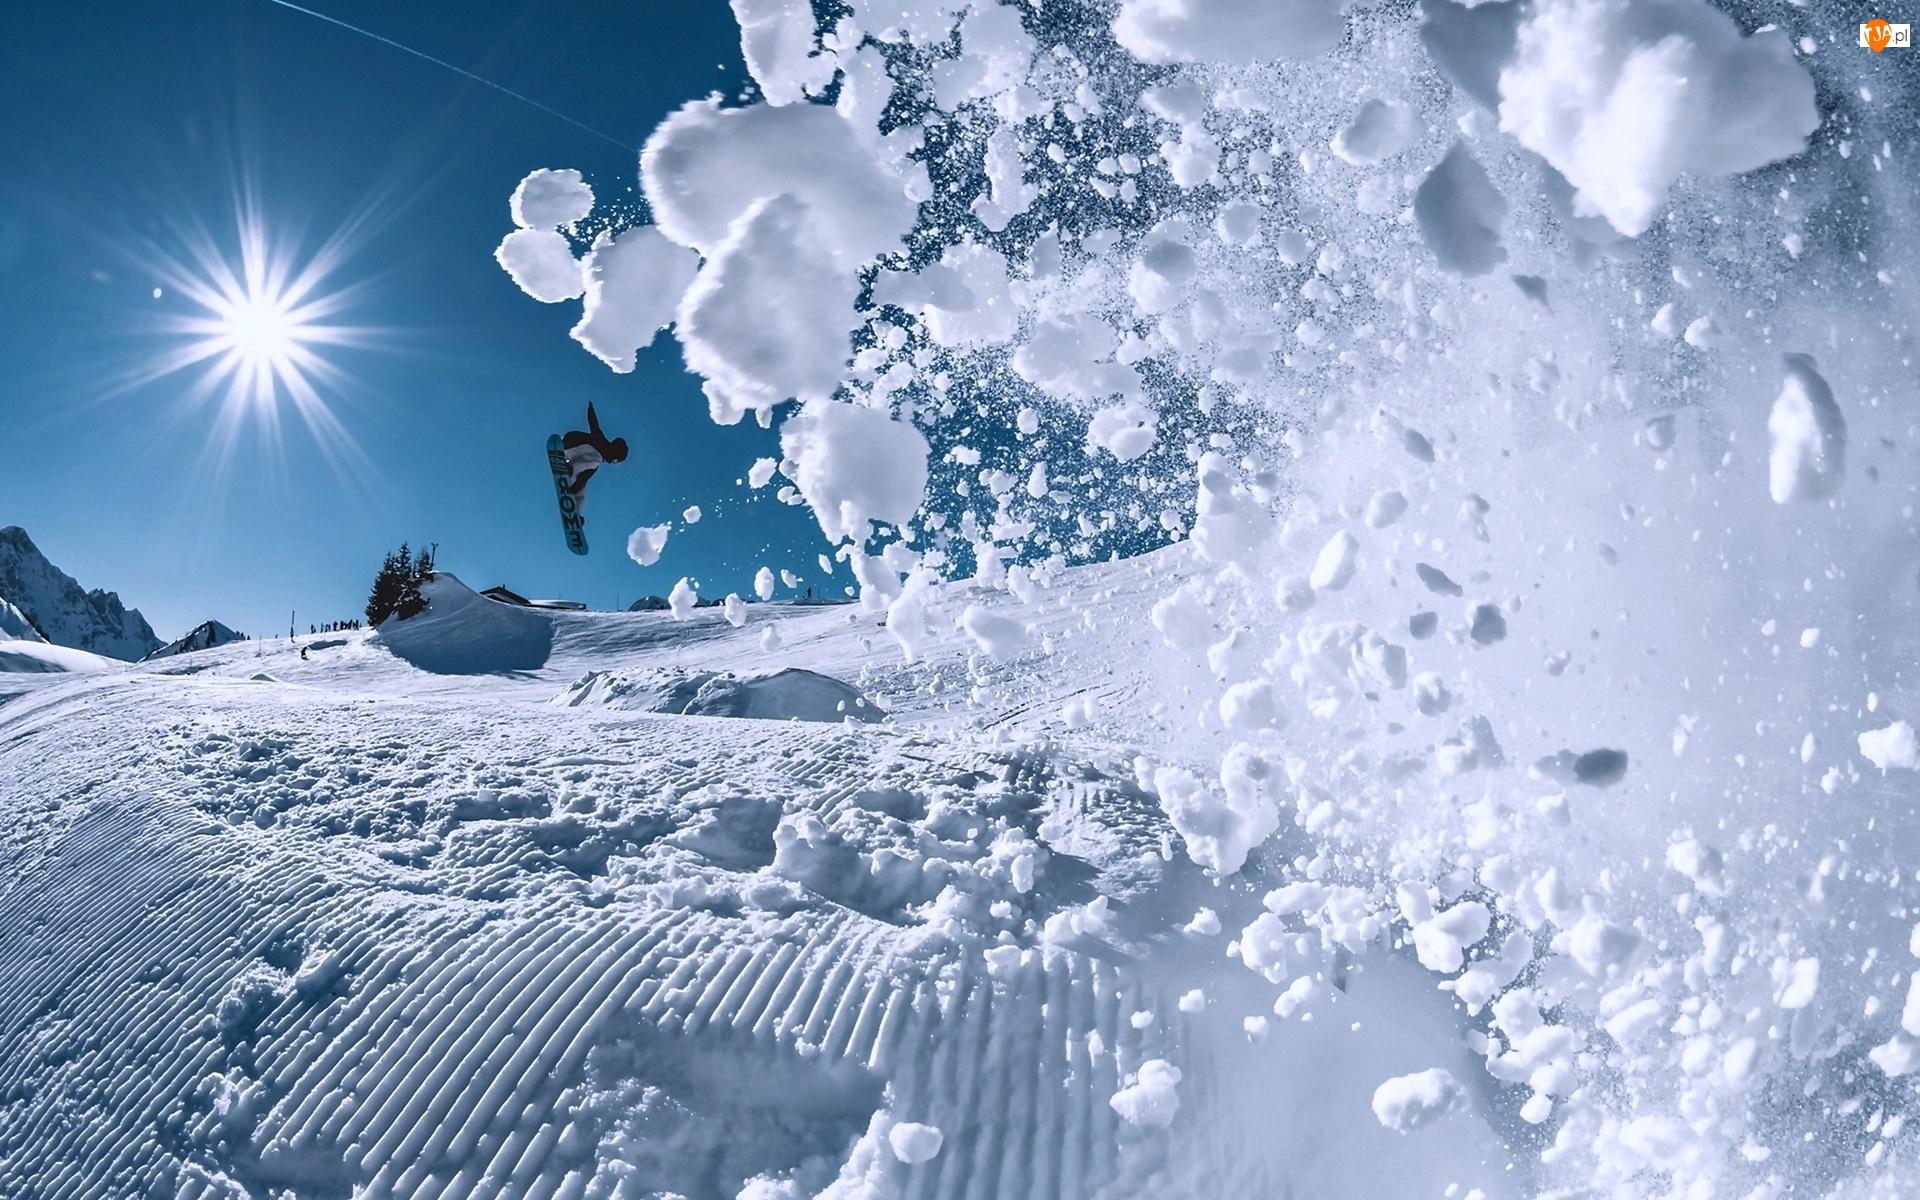 Snowbording, Zima, Promienie, Śnieg, Słońca